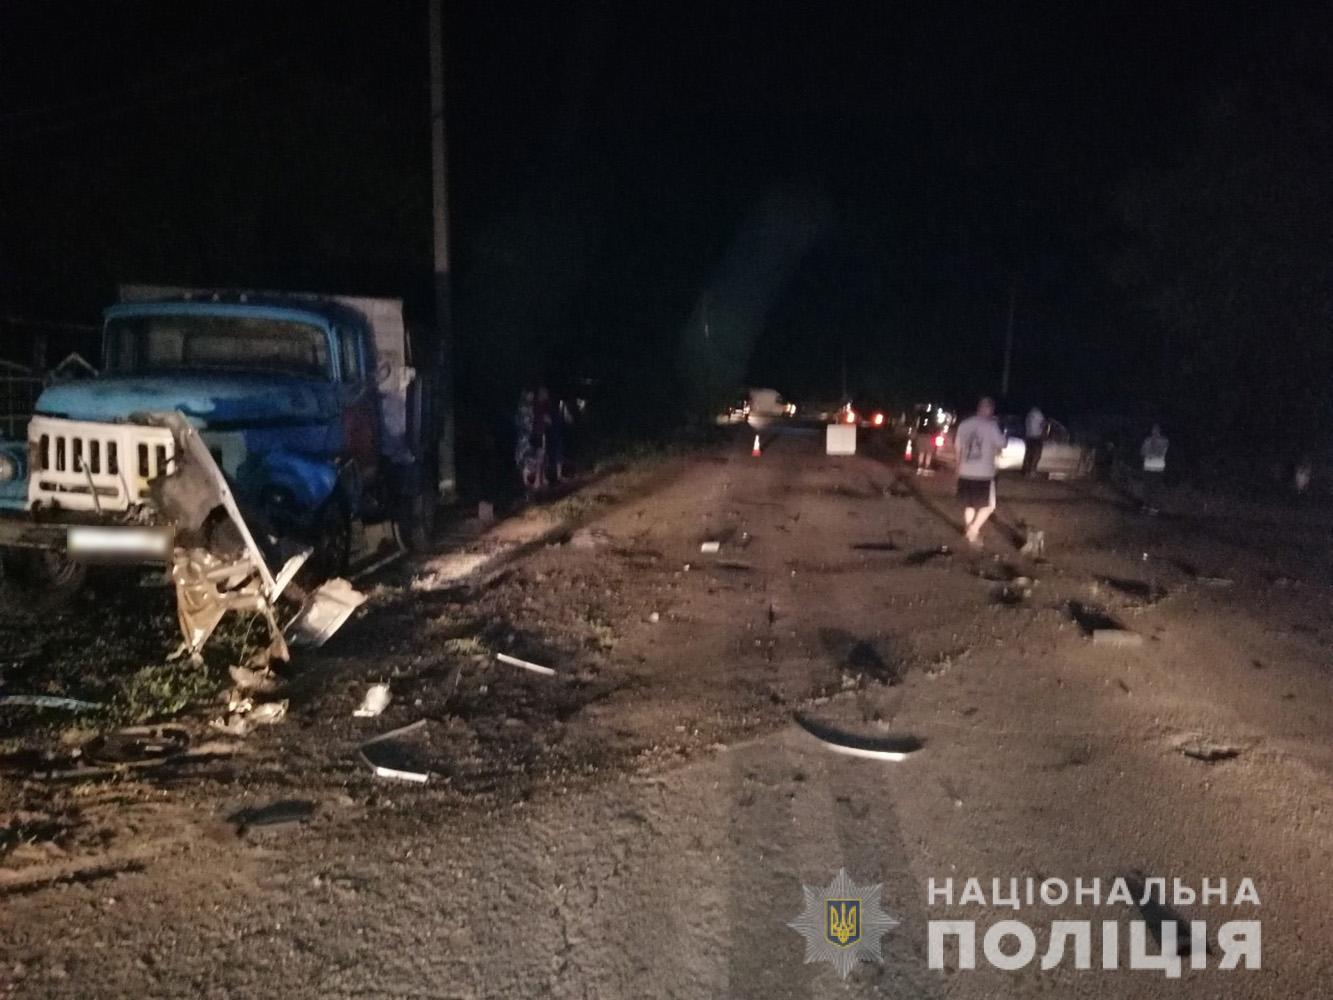 У Запорізькій області легковик влетів в припарковану вантажівку: загинув водій - ФОТО